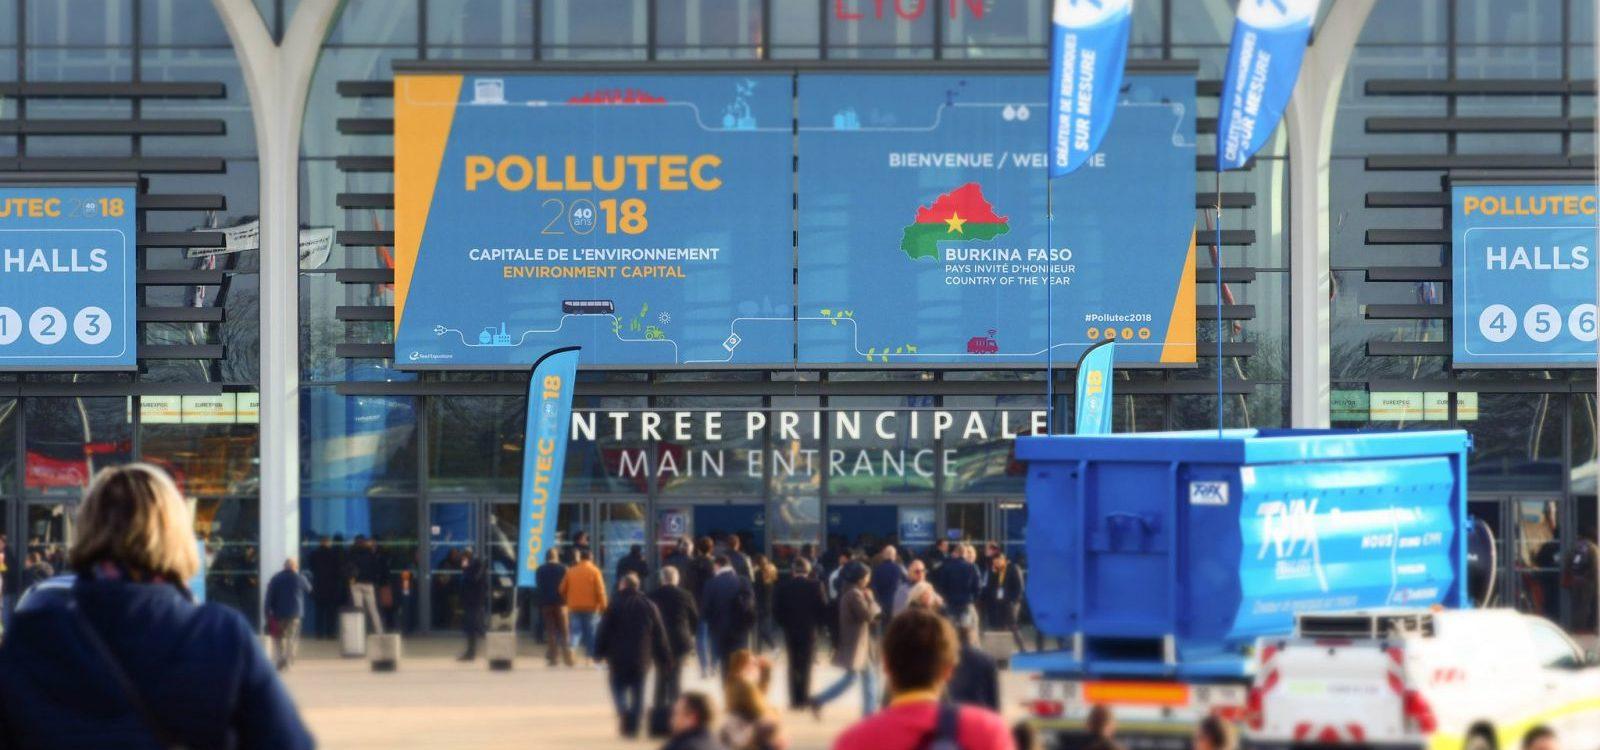 Pollutec, l'événement référence des professionnels de l'environnement, choisit Profile